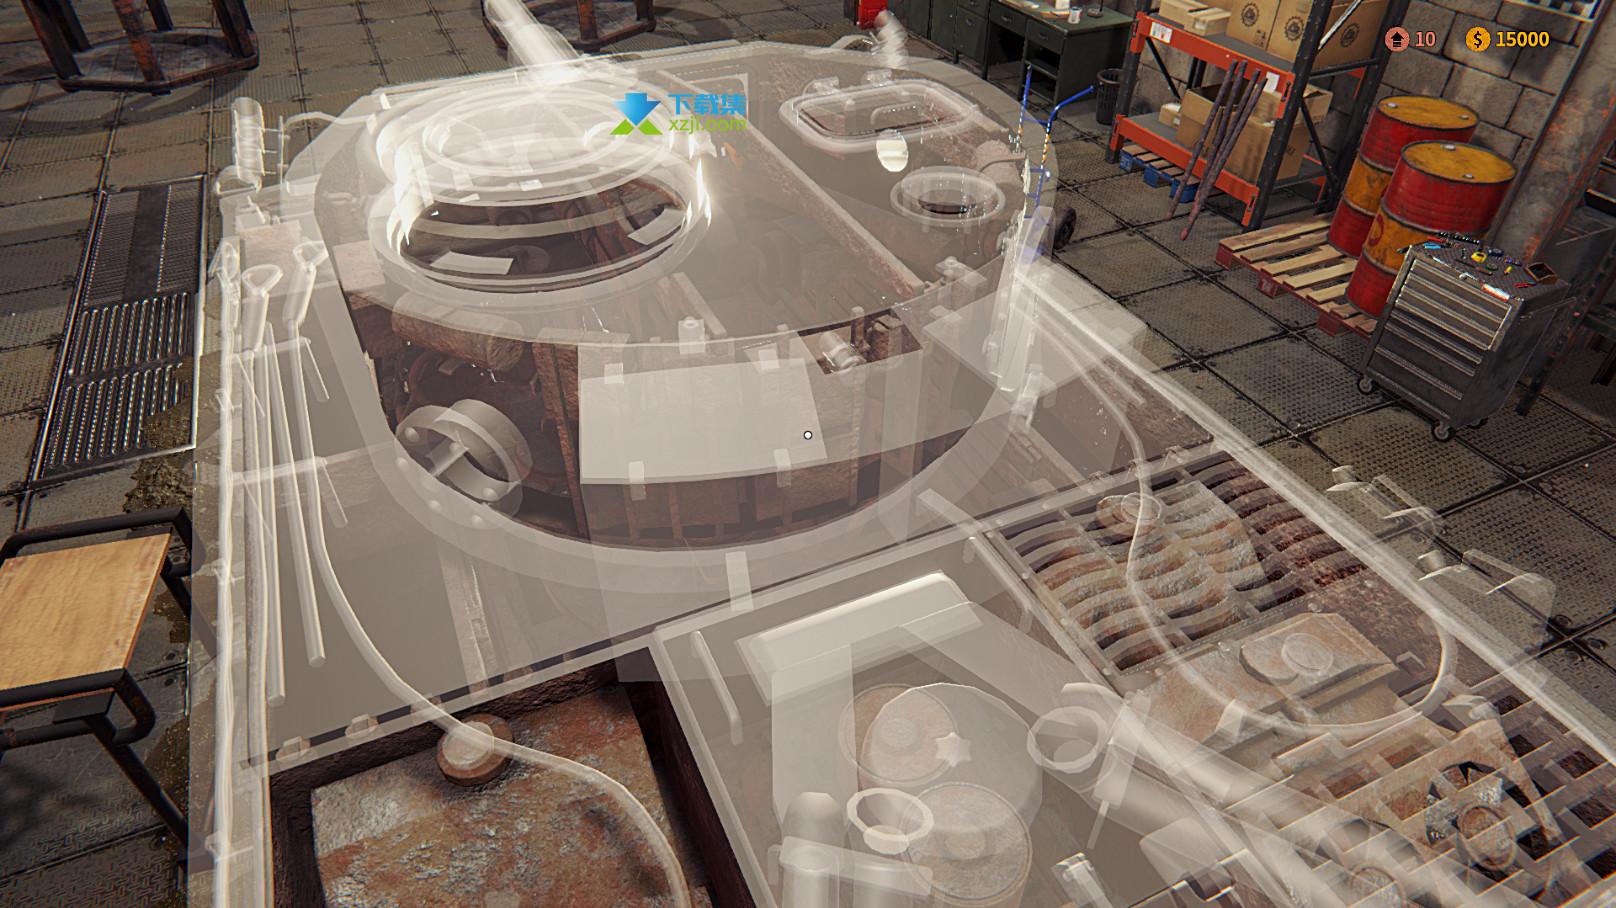 坦克修理模拟器界面4